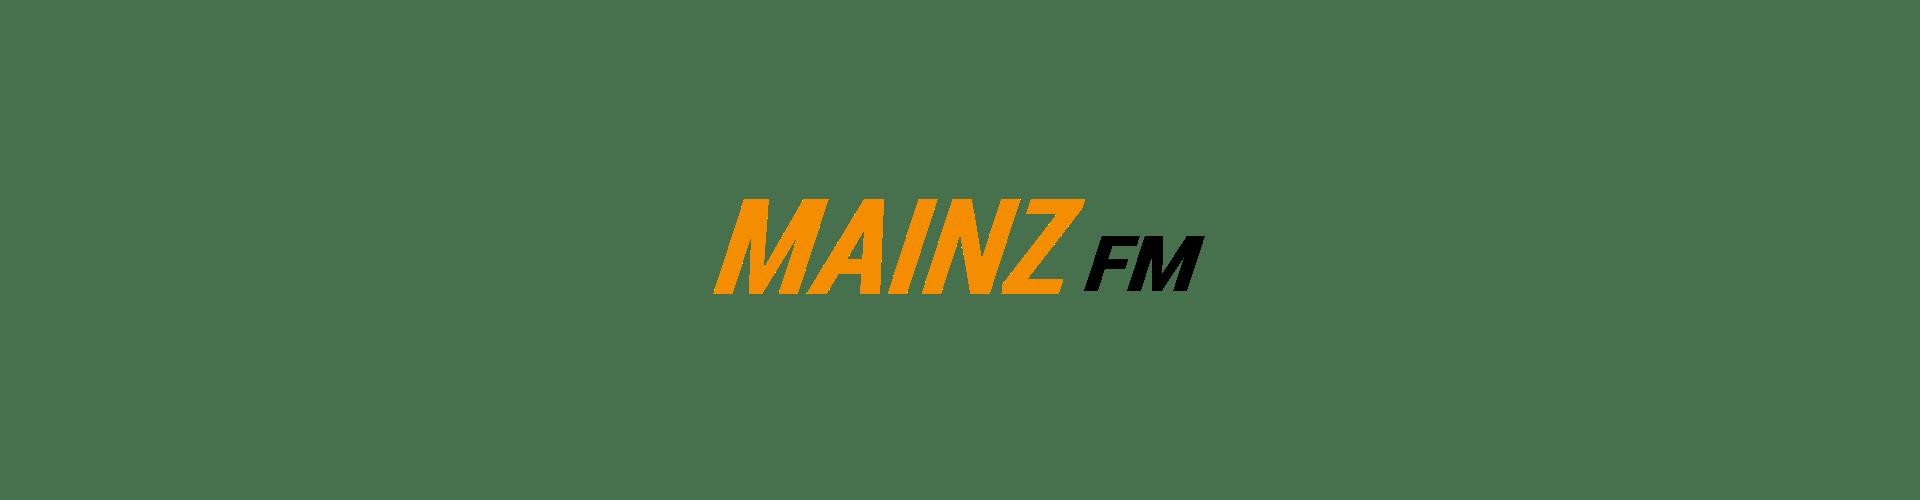 Mainz FM